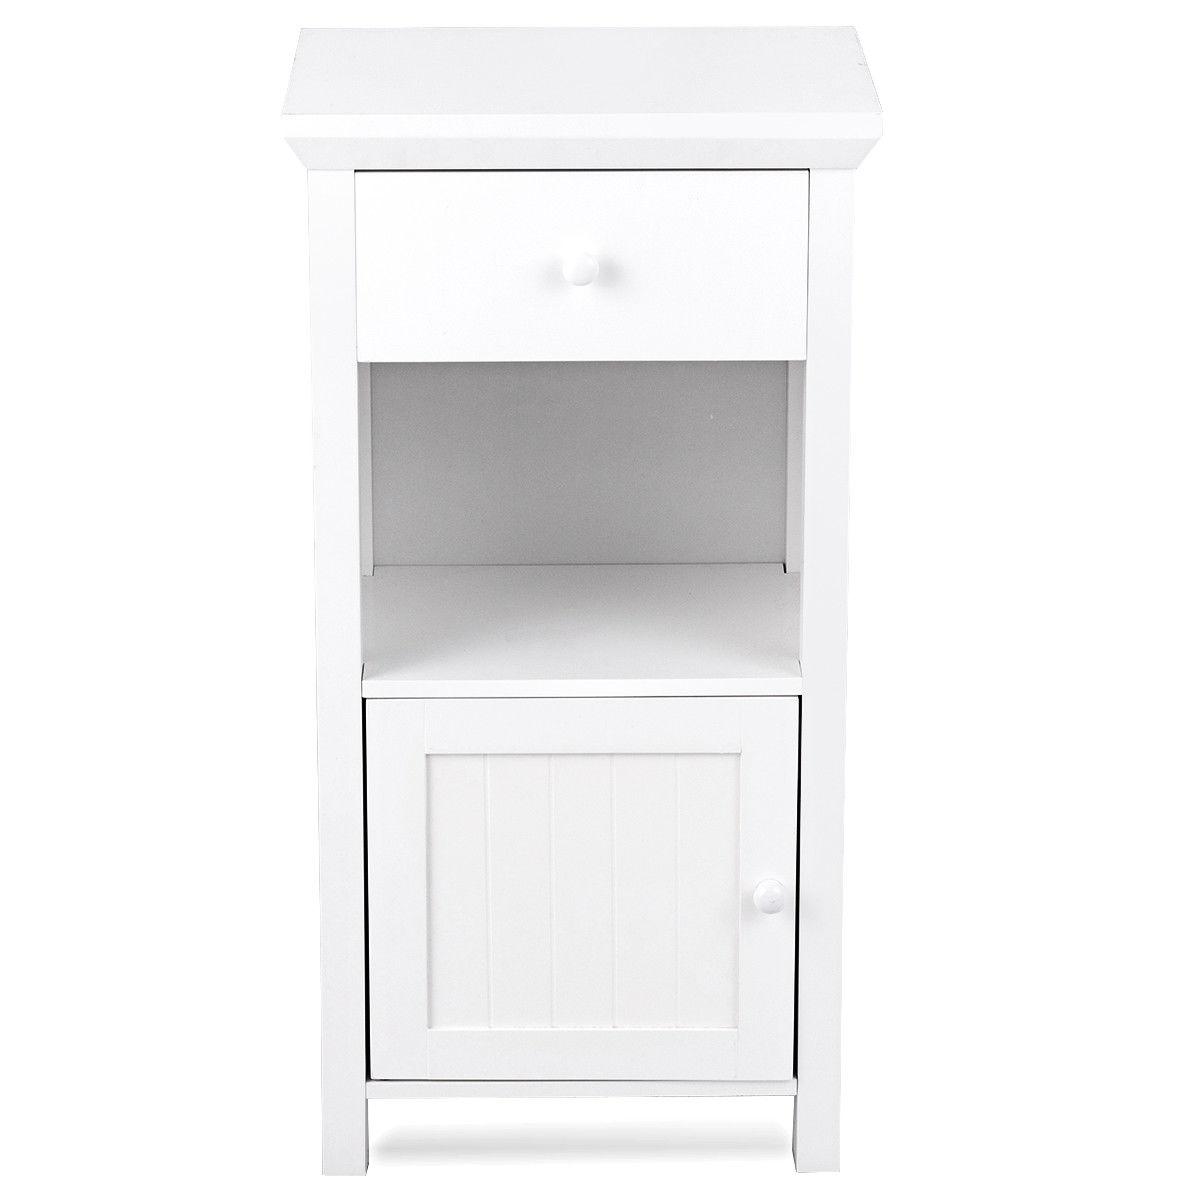 Bathroom Floor Storage Drawer Cabinet Cupboard with Door